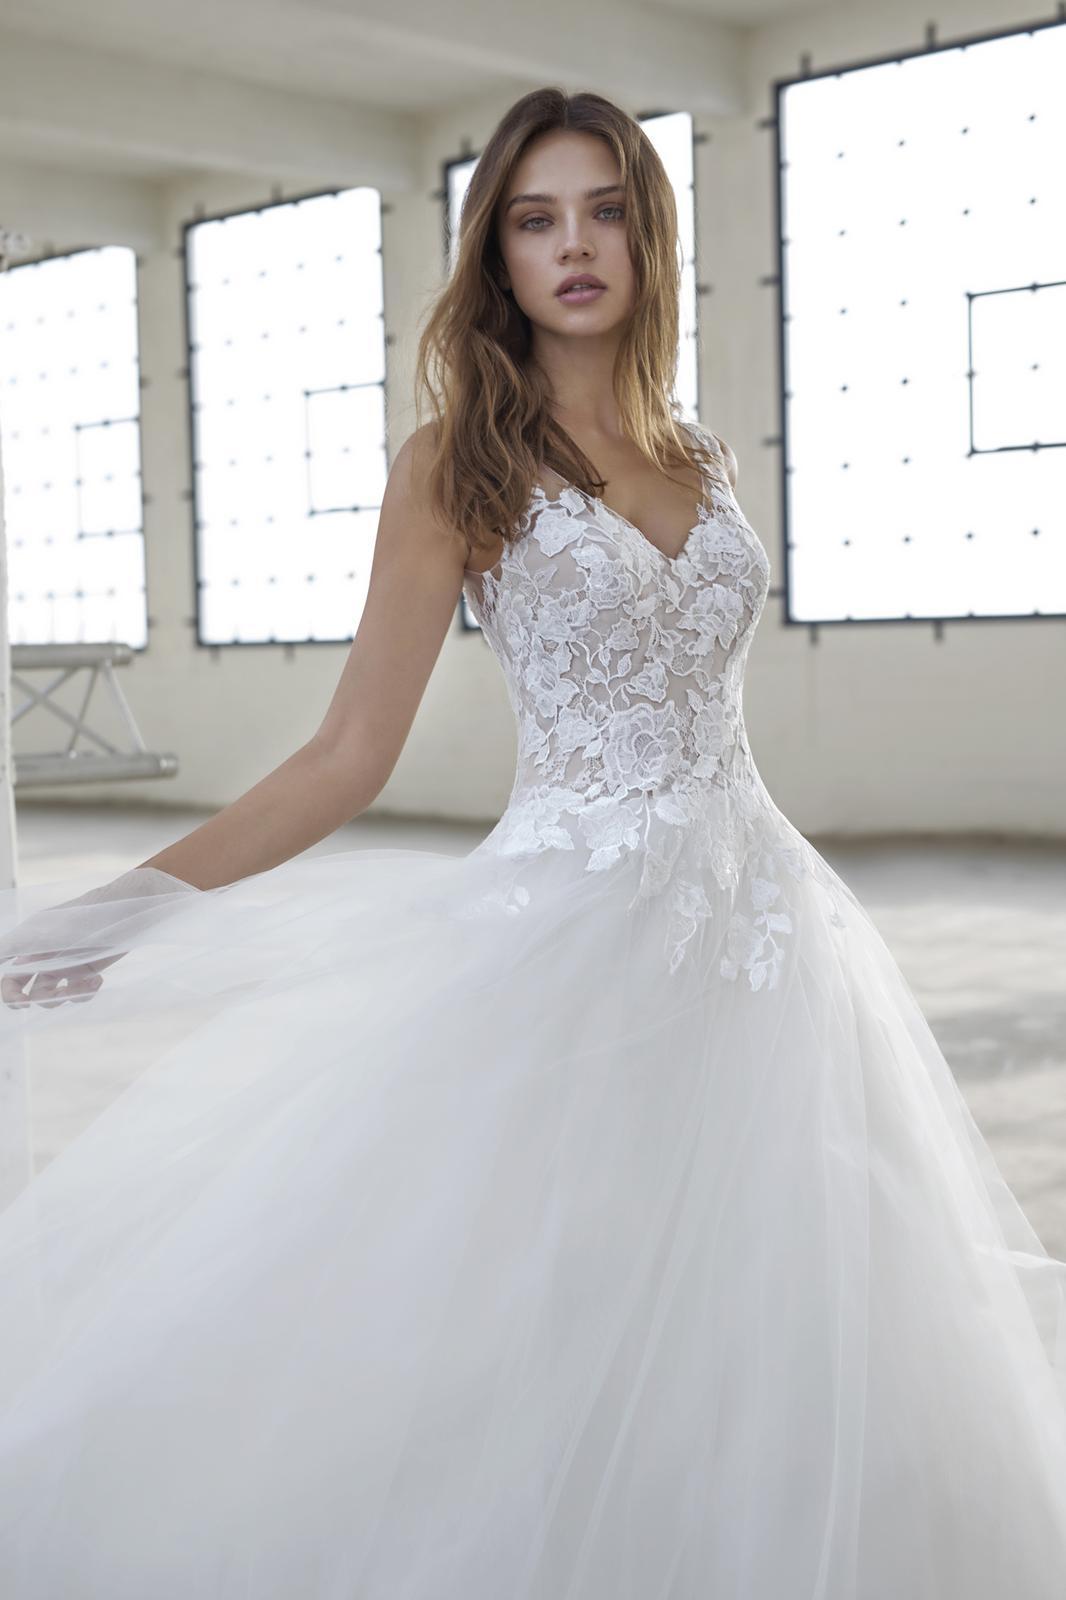 Romantická, elegantní, rebelka anebo bohémka? Jaký typ nevěsty jste vy? - Model Edythe z kolekce Le Papillon by Modeca 2019